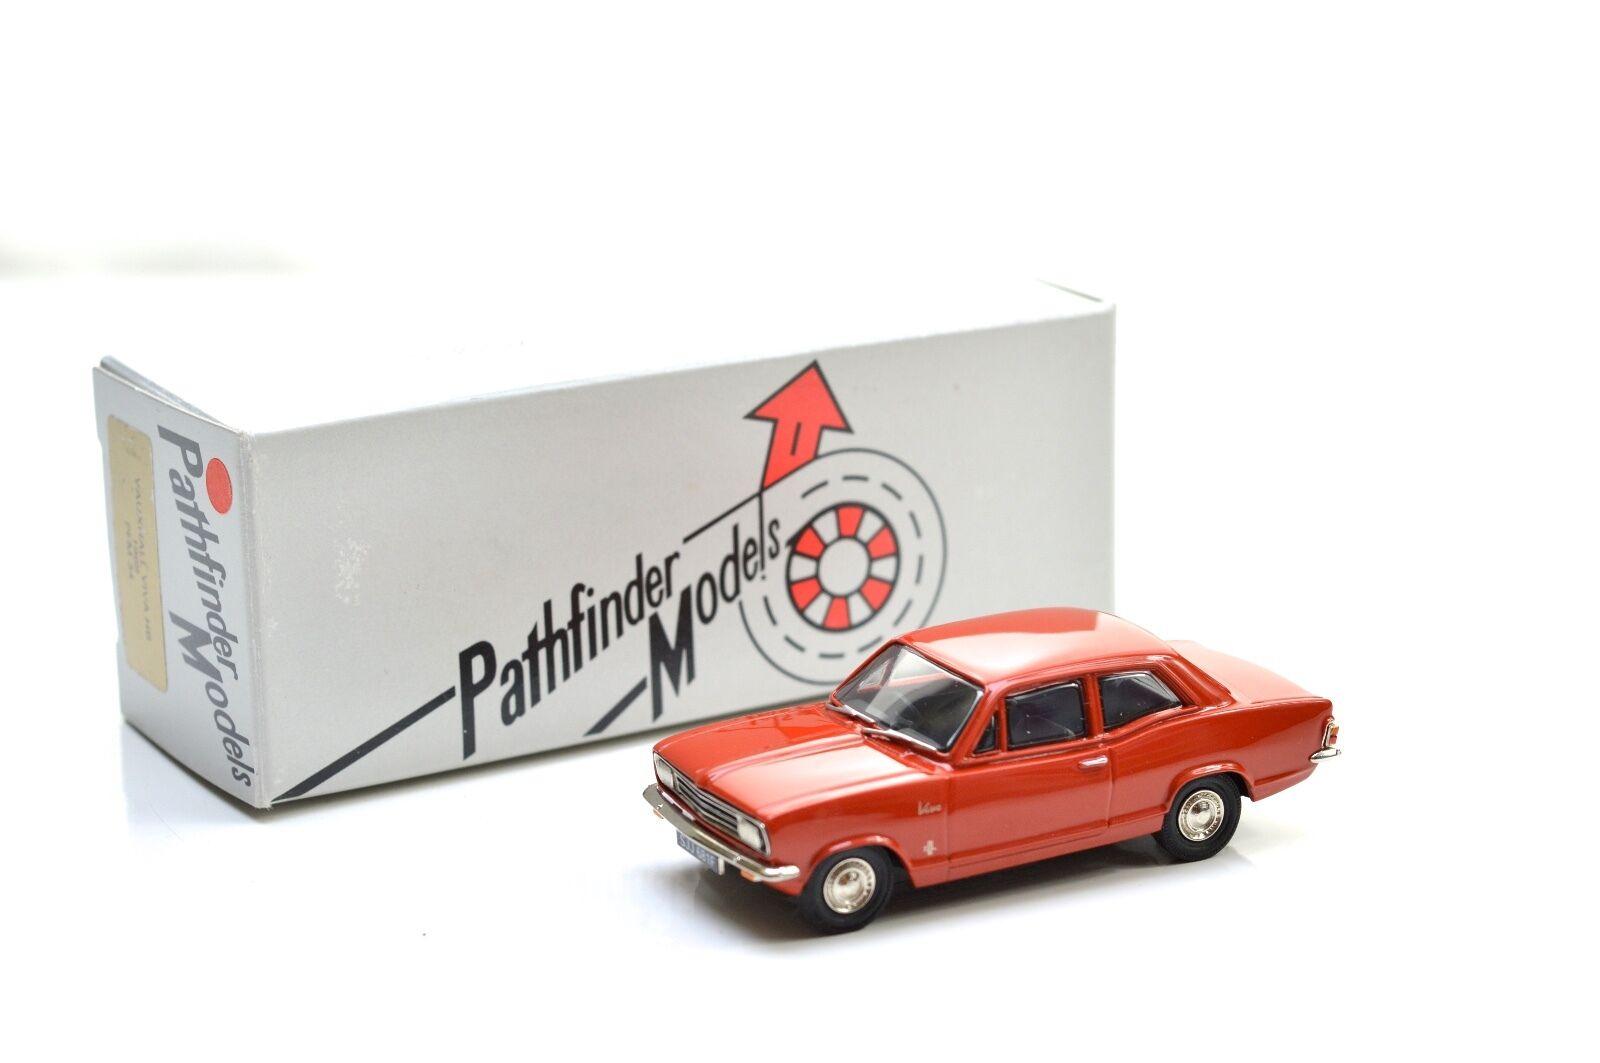 PATHFINDER MODELS PFM 34 VAUXHALL HB VIVA 1968